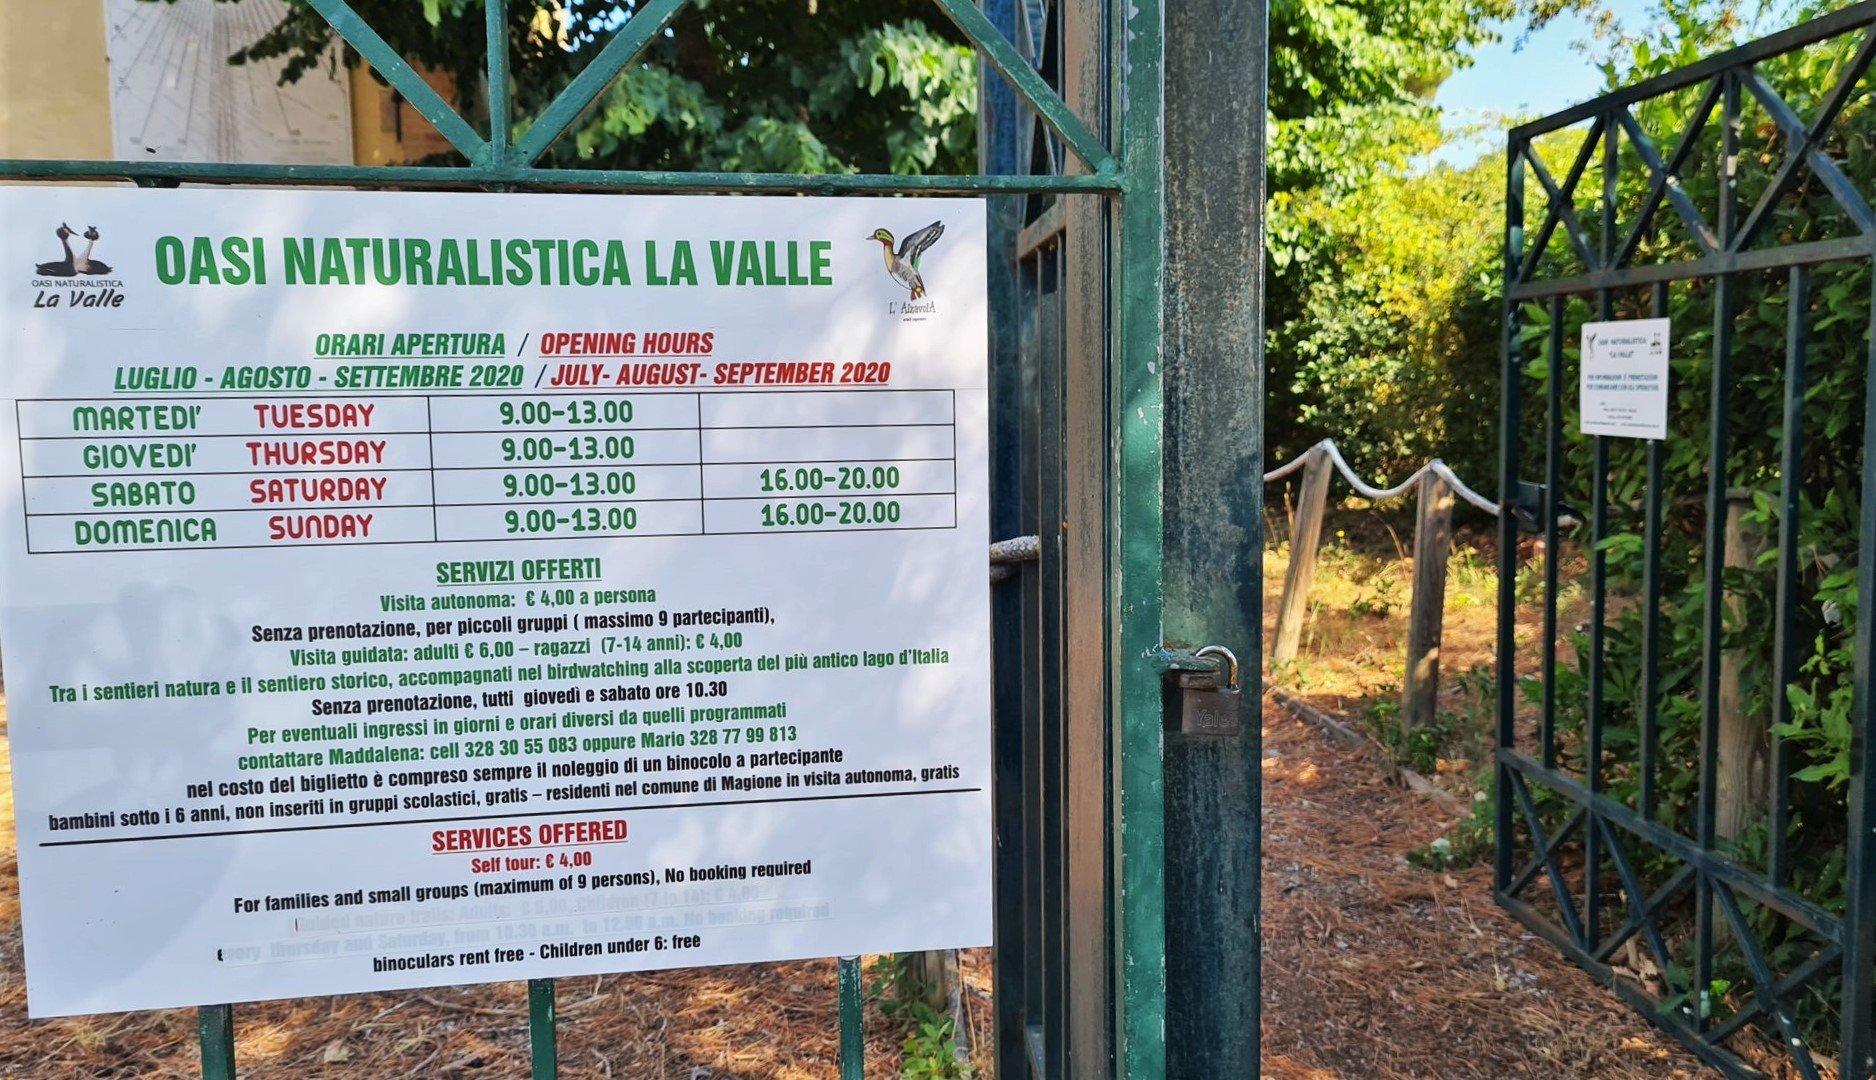 Consigli e informazioni per visitare l'Oasi La Valle